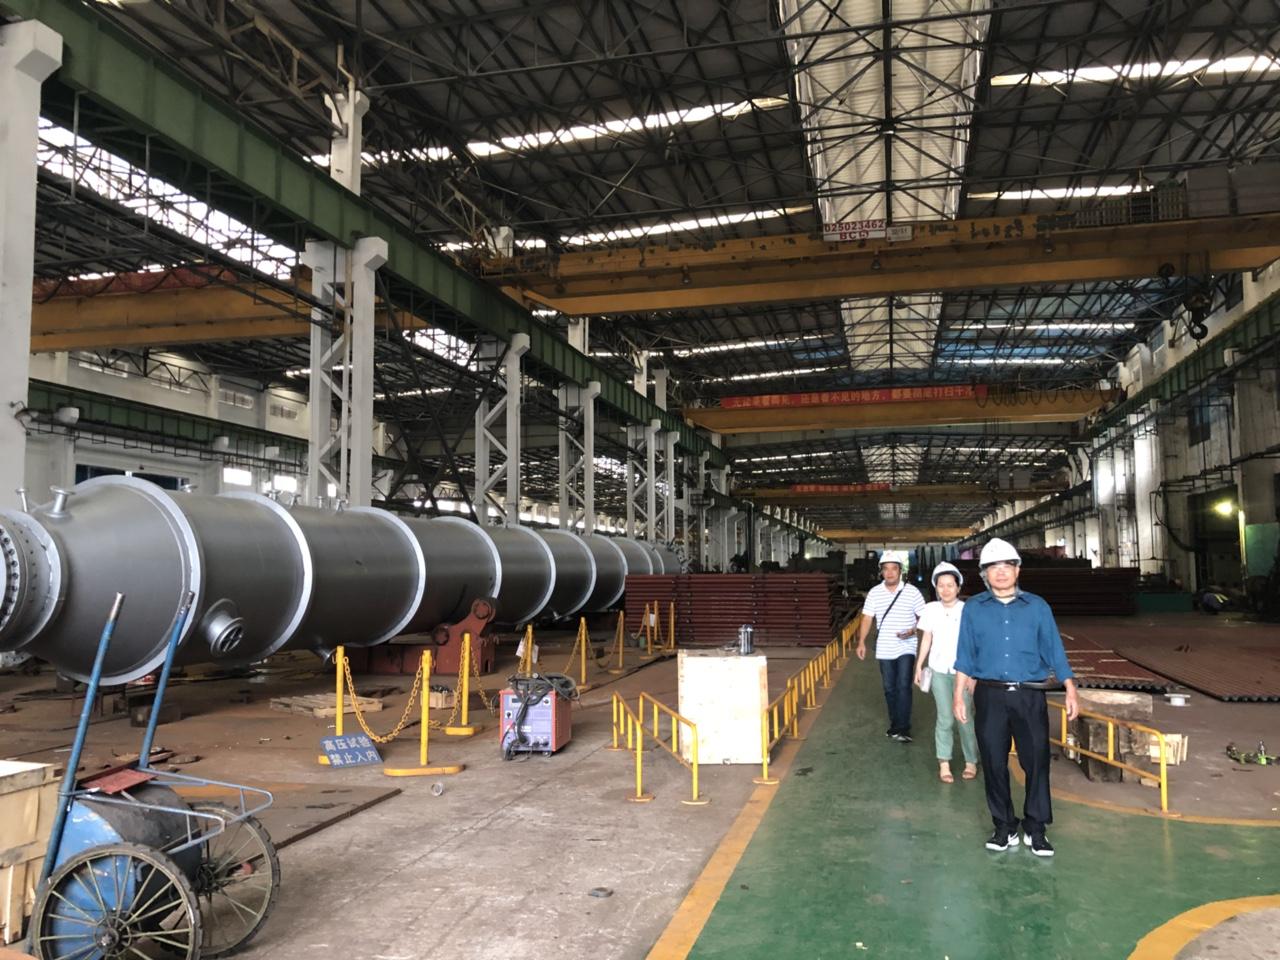 Lãnh đạo công ty Đông Dương tham quan làm việc với lãnh đạo công ty Minh Thành Hà Khẩu tại Trung Quốc